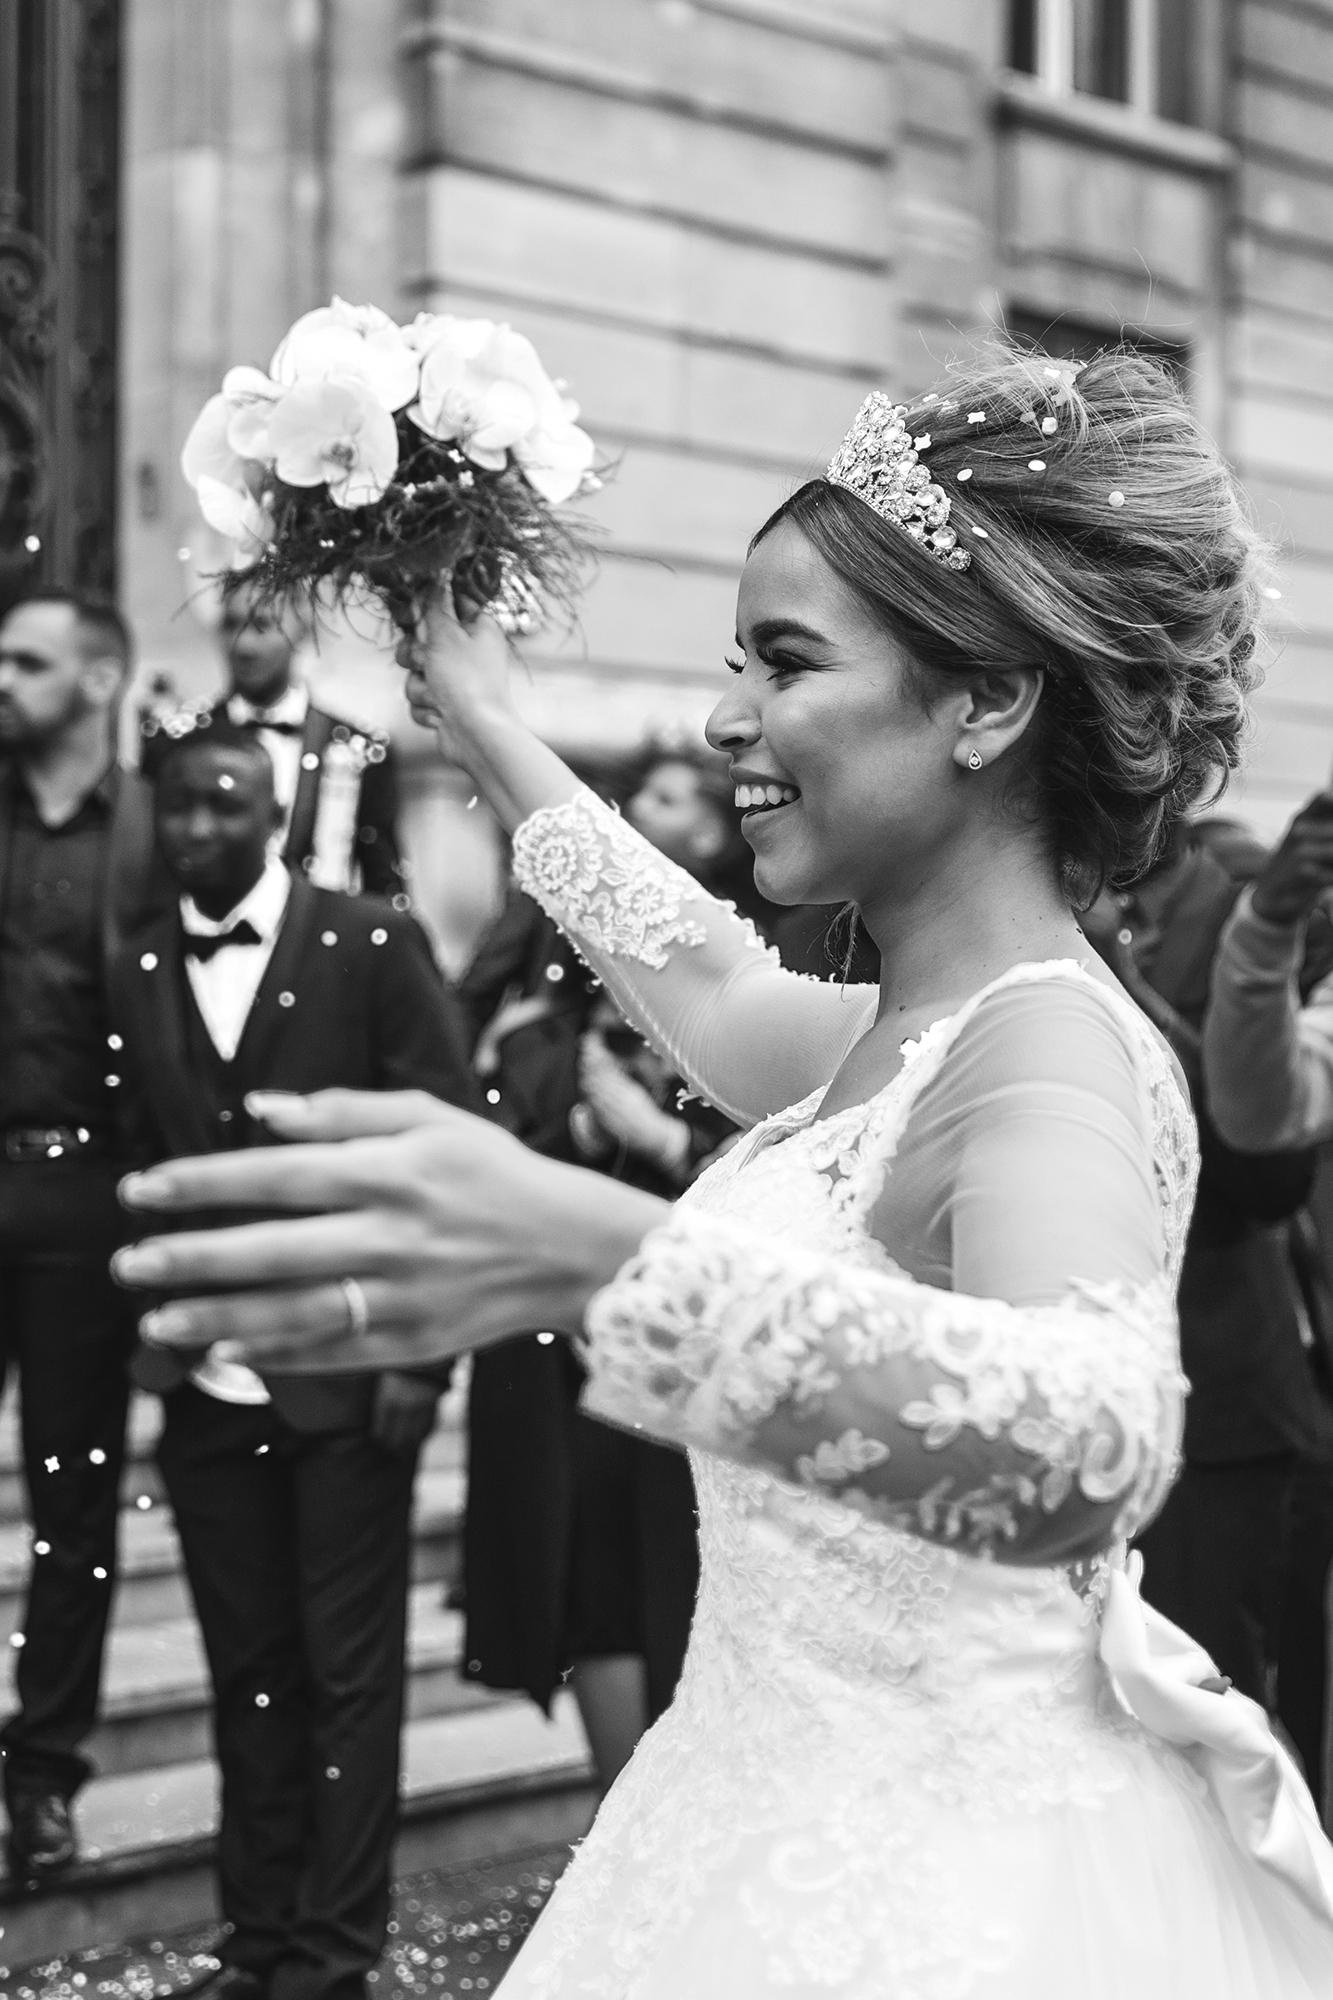 photographe mariage asniere sur seine